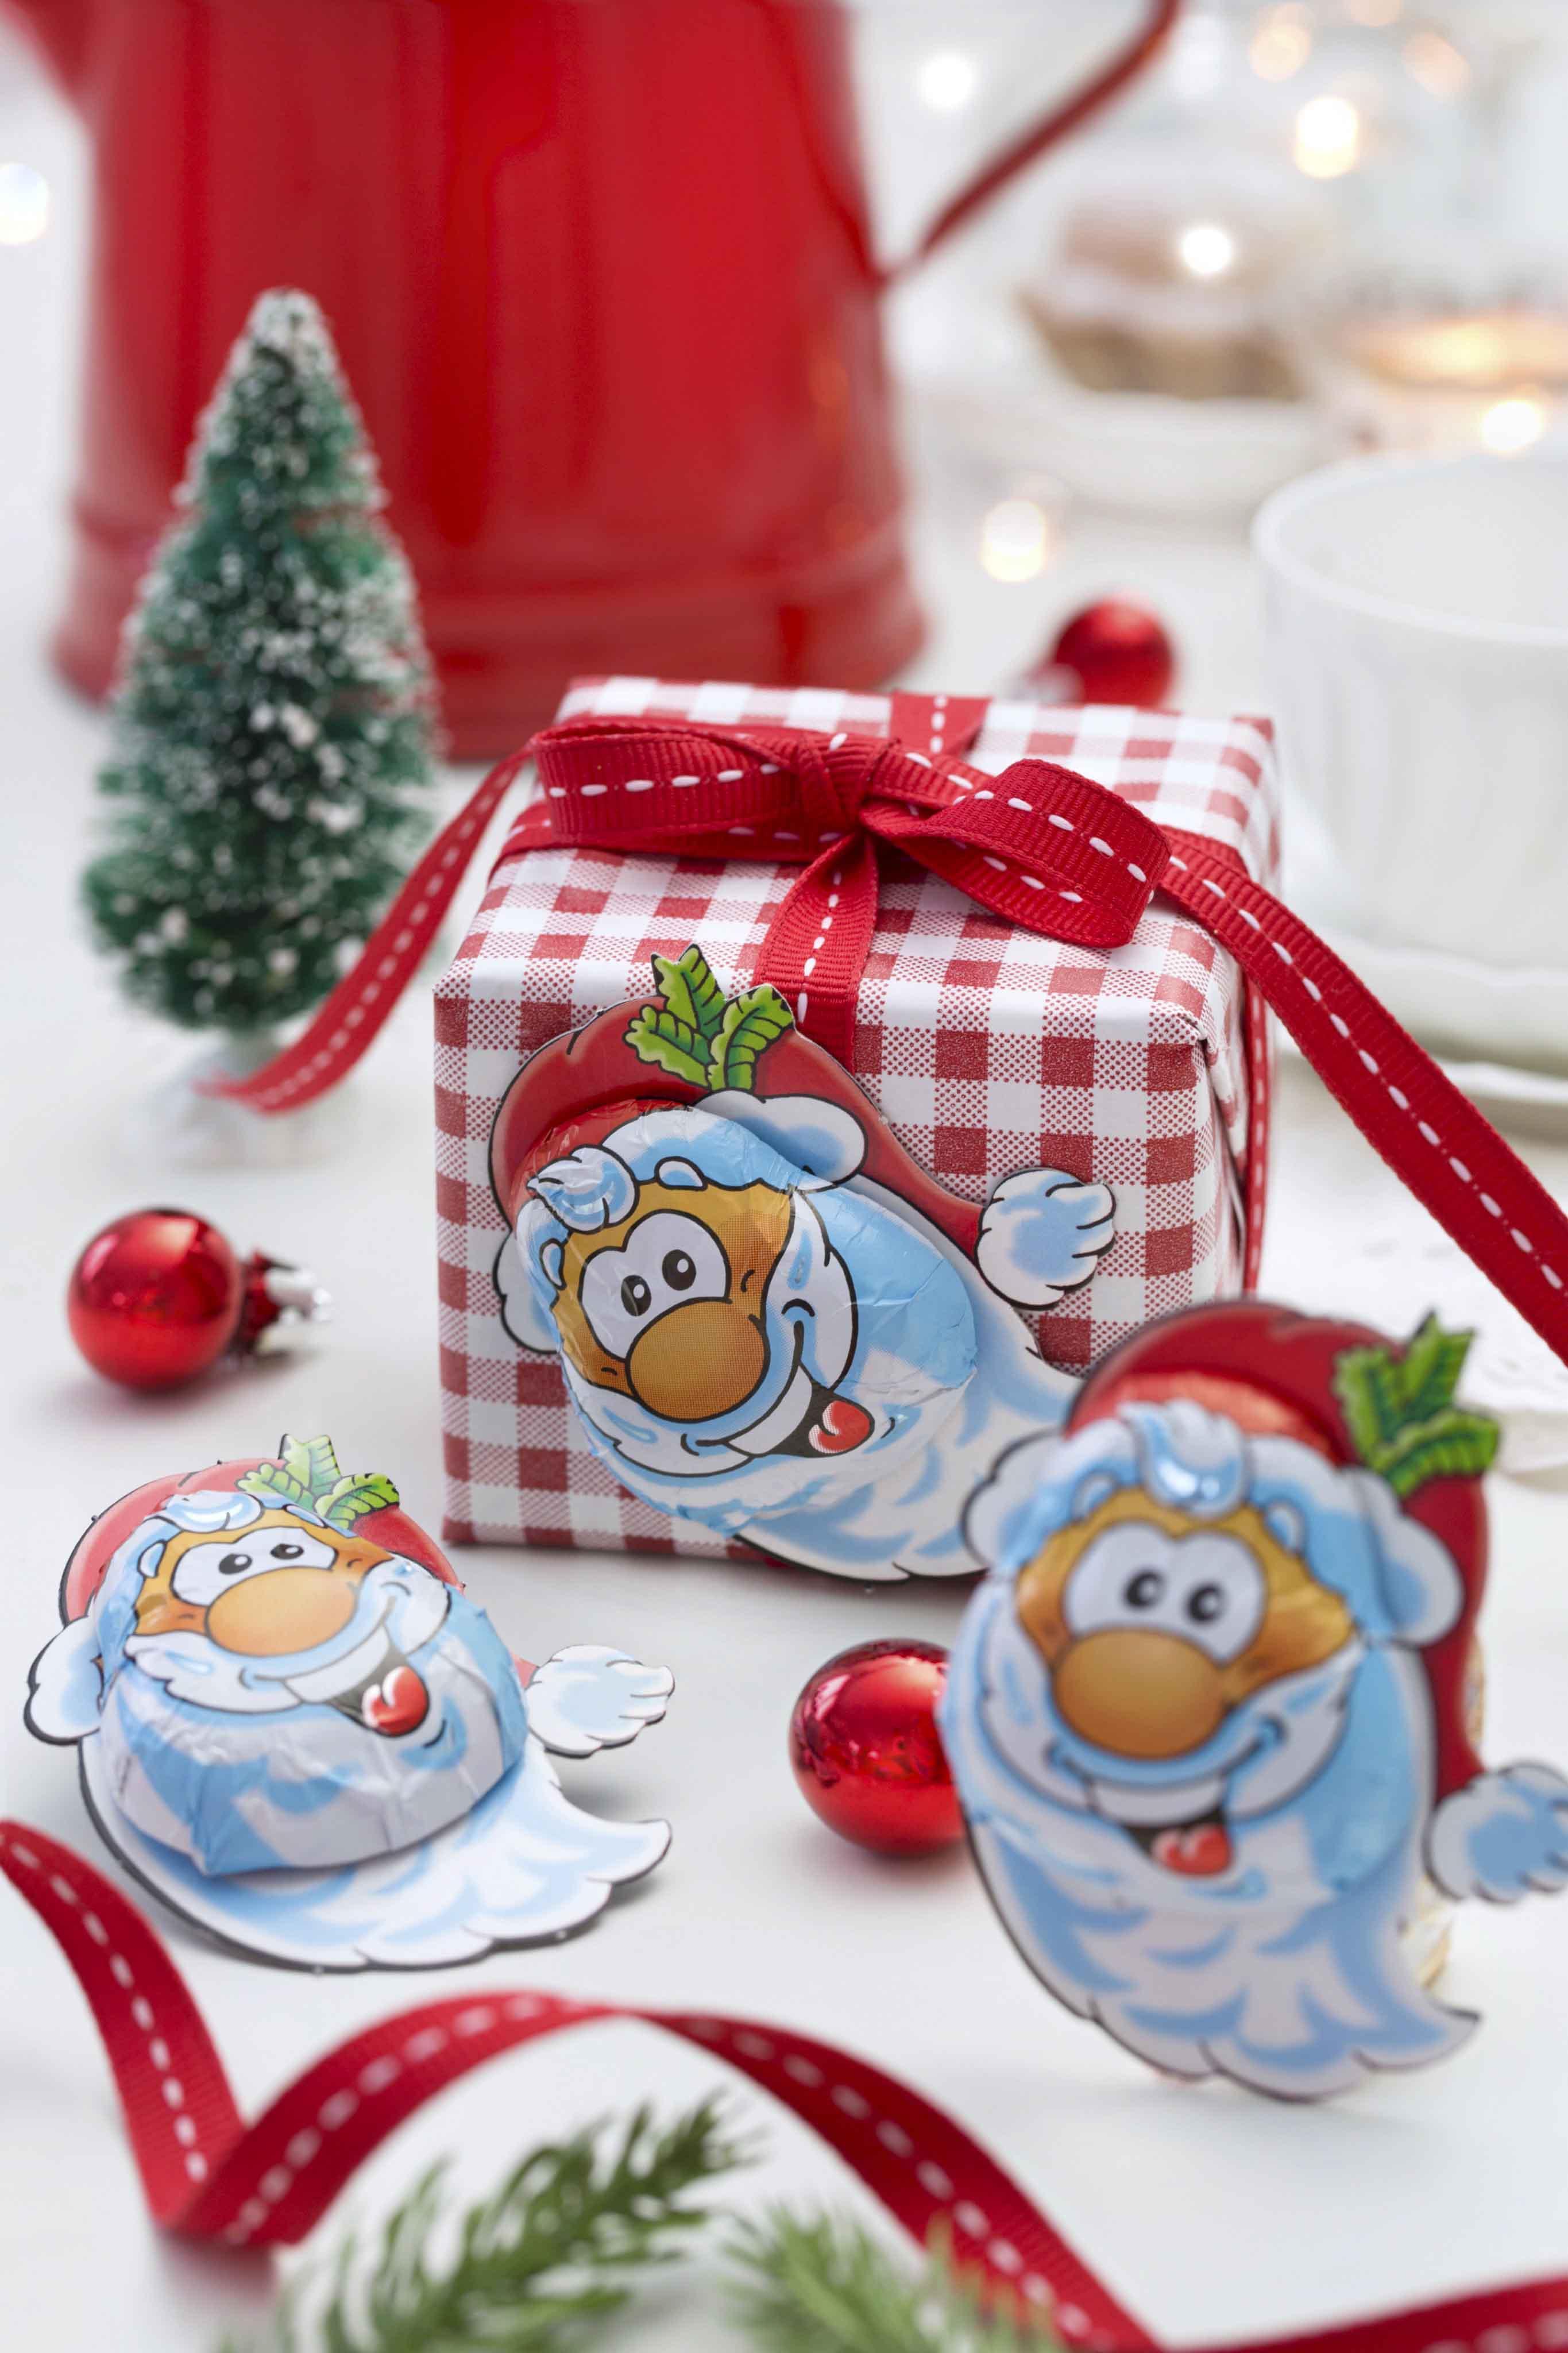 kleines geschenk mit weihnachtsmann beklebt storz schokolade. Black Bedroom Furniture Sets. Home Design Ideas